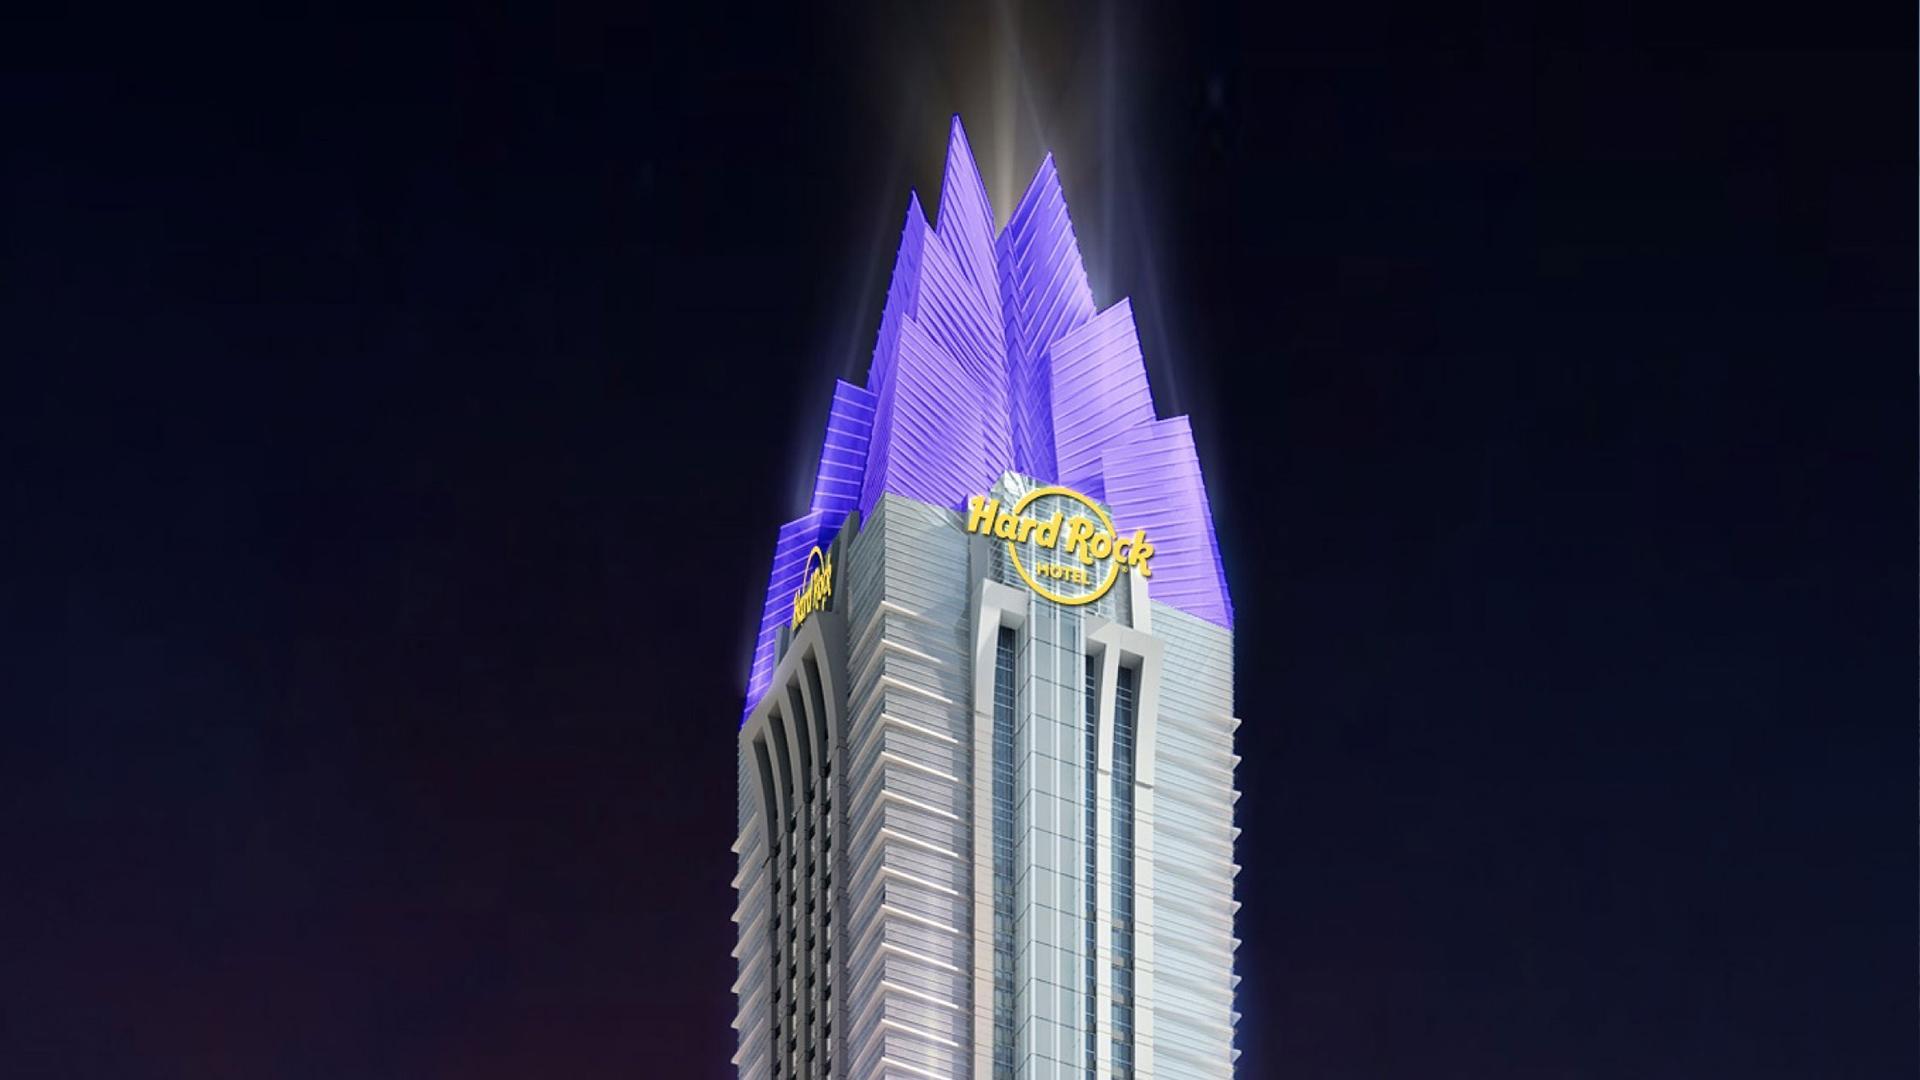 Hard Rock Hotel desembarca en Dubái en la segunda torre más alta de la ciudad